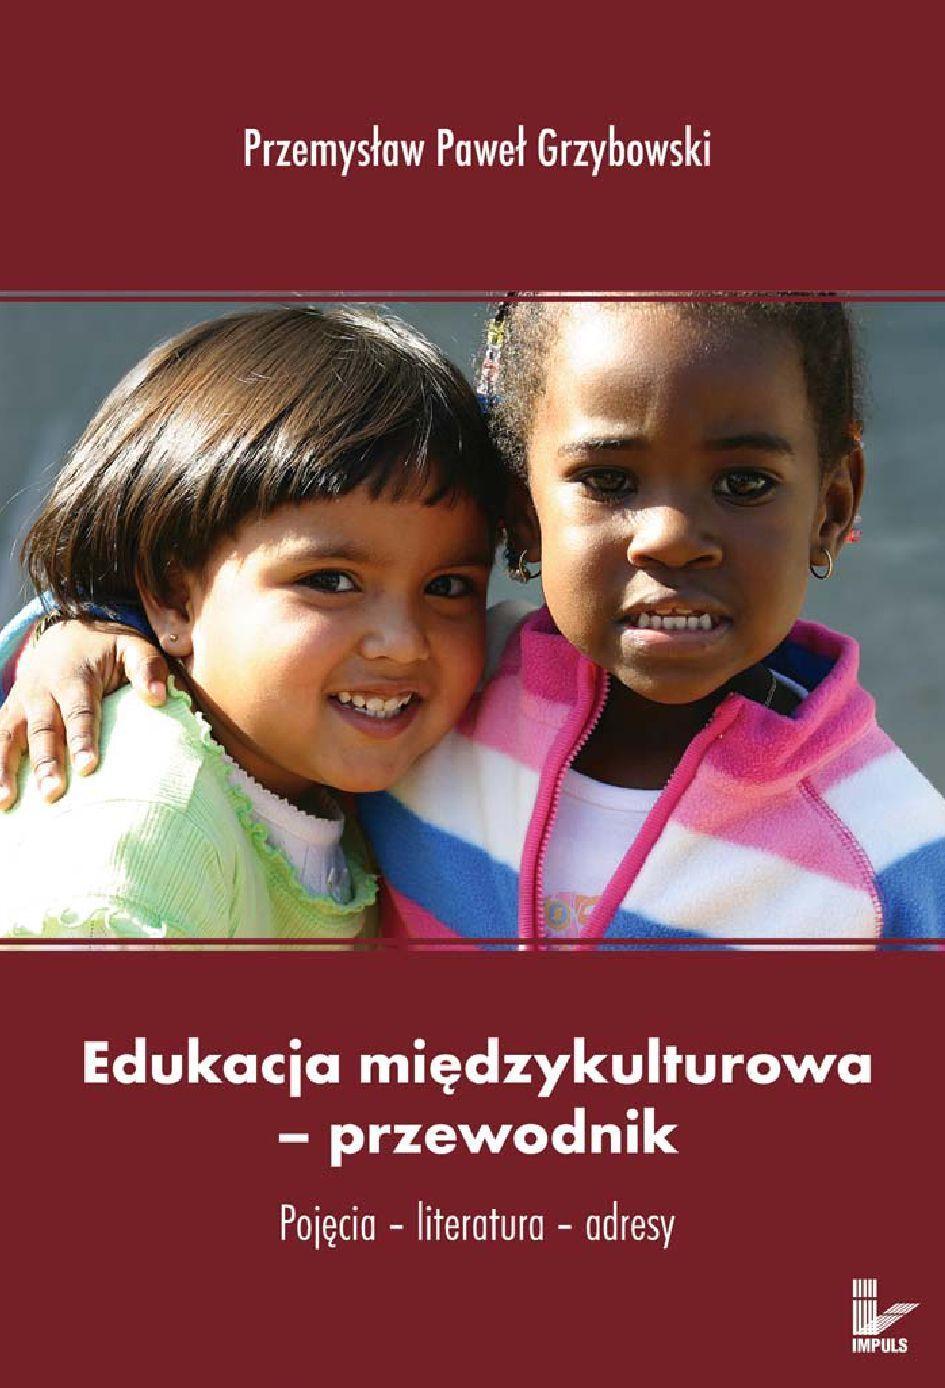 Edukacja międzykulturowa - przewodnik - Ebook (Książka EPUB) do pobrania w formacie EPUB